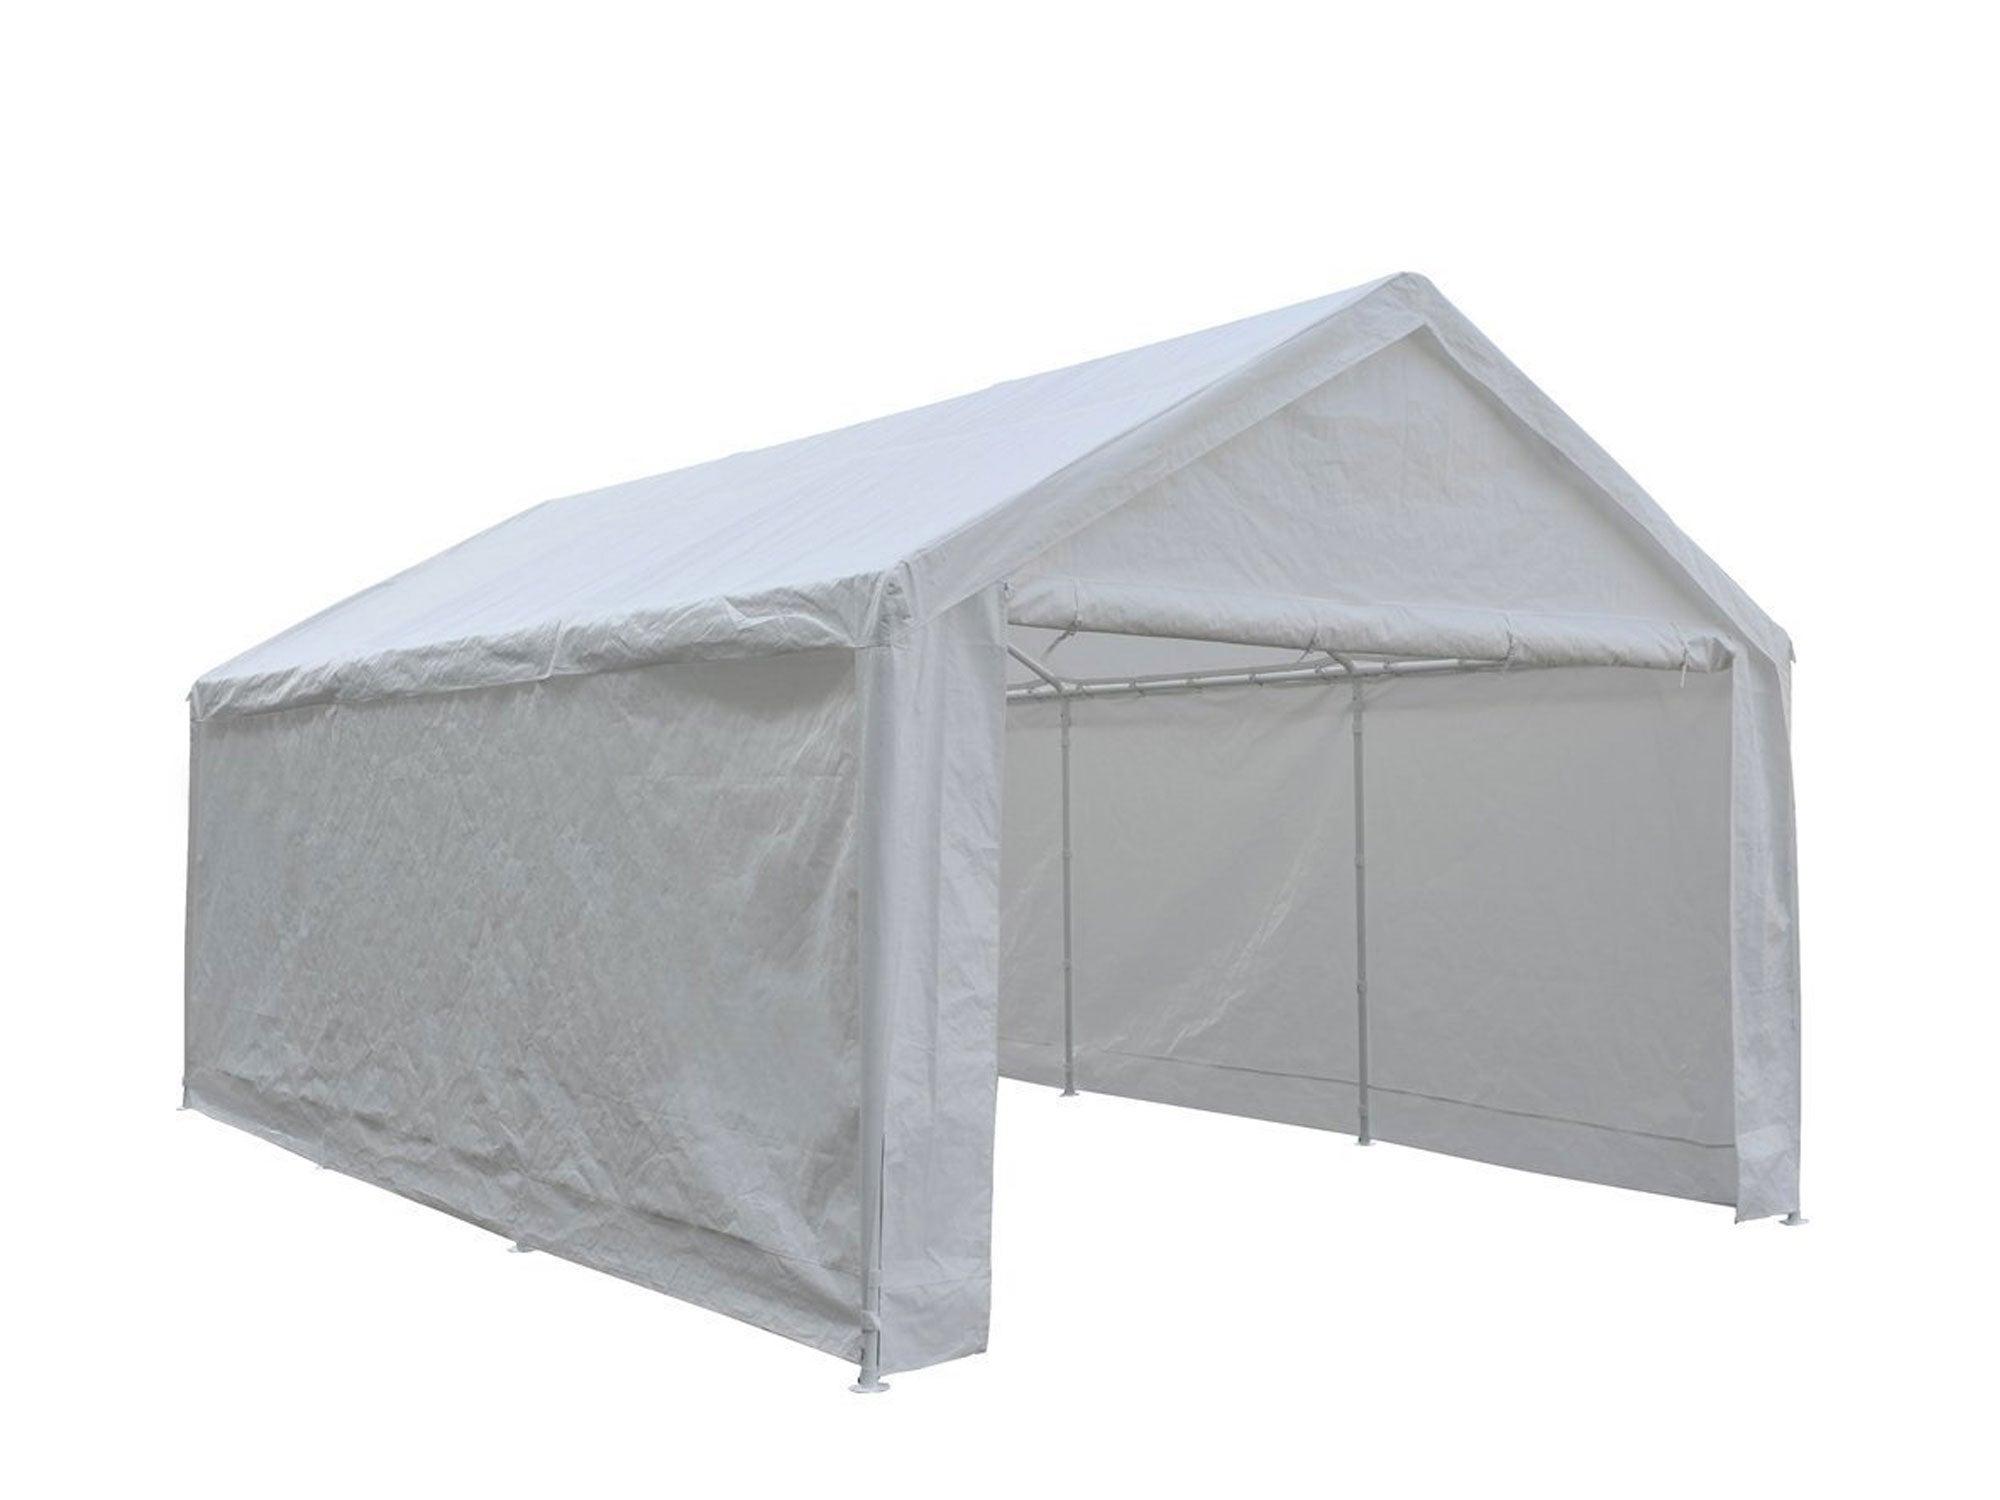 Abba Patio 12 x 20-Feet Heavy Duty Carport